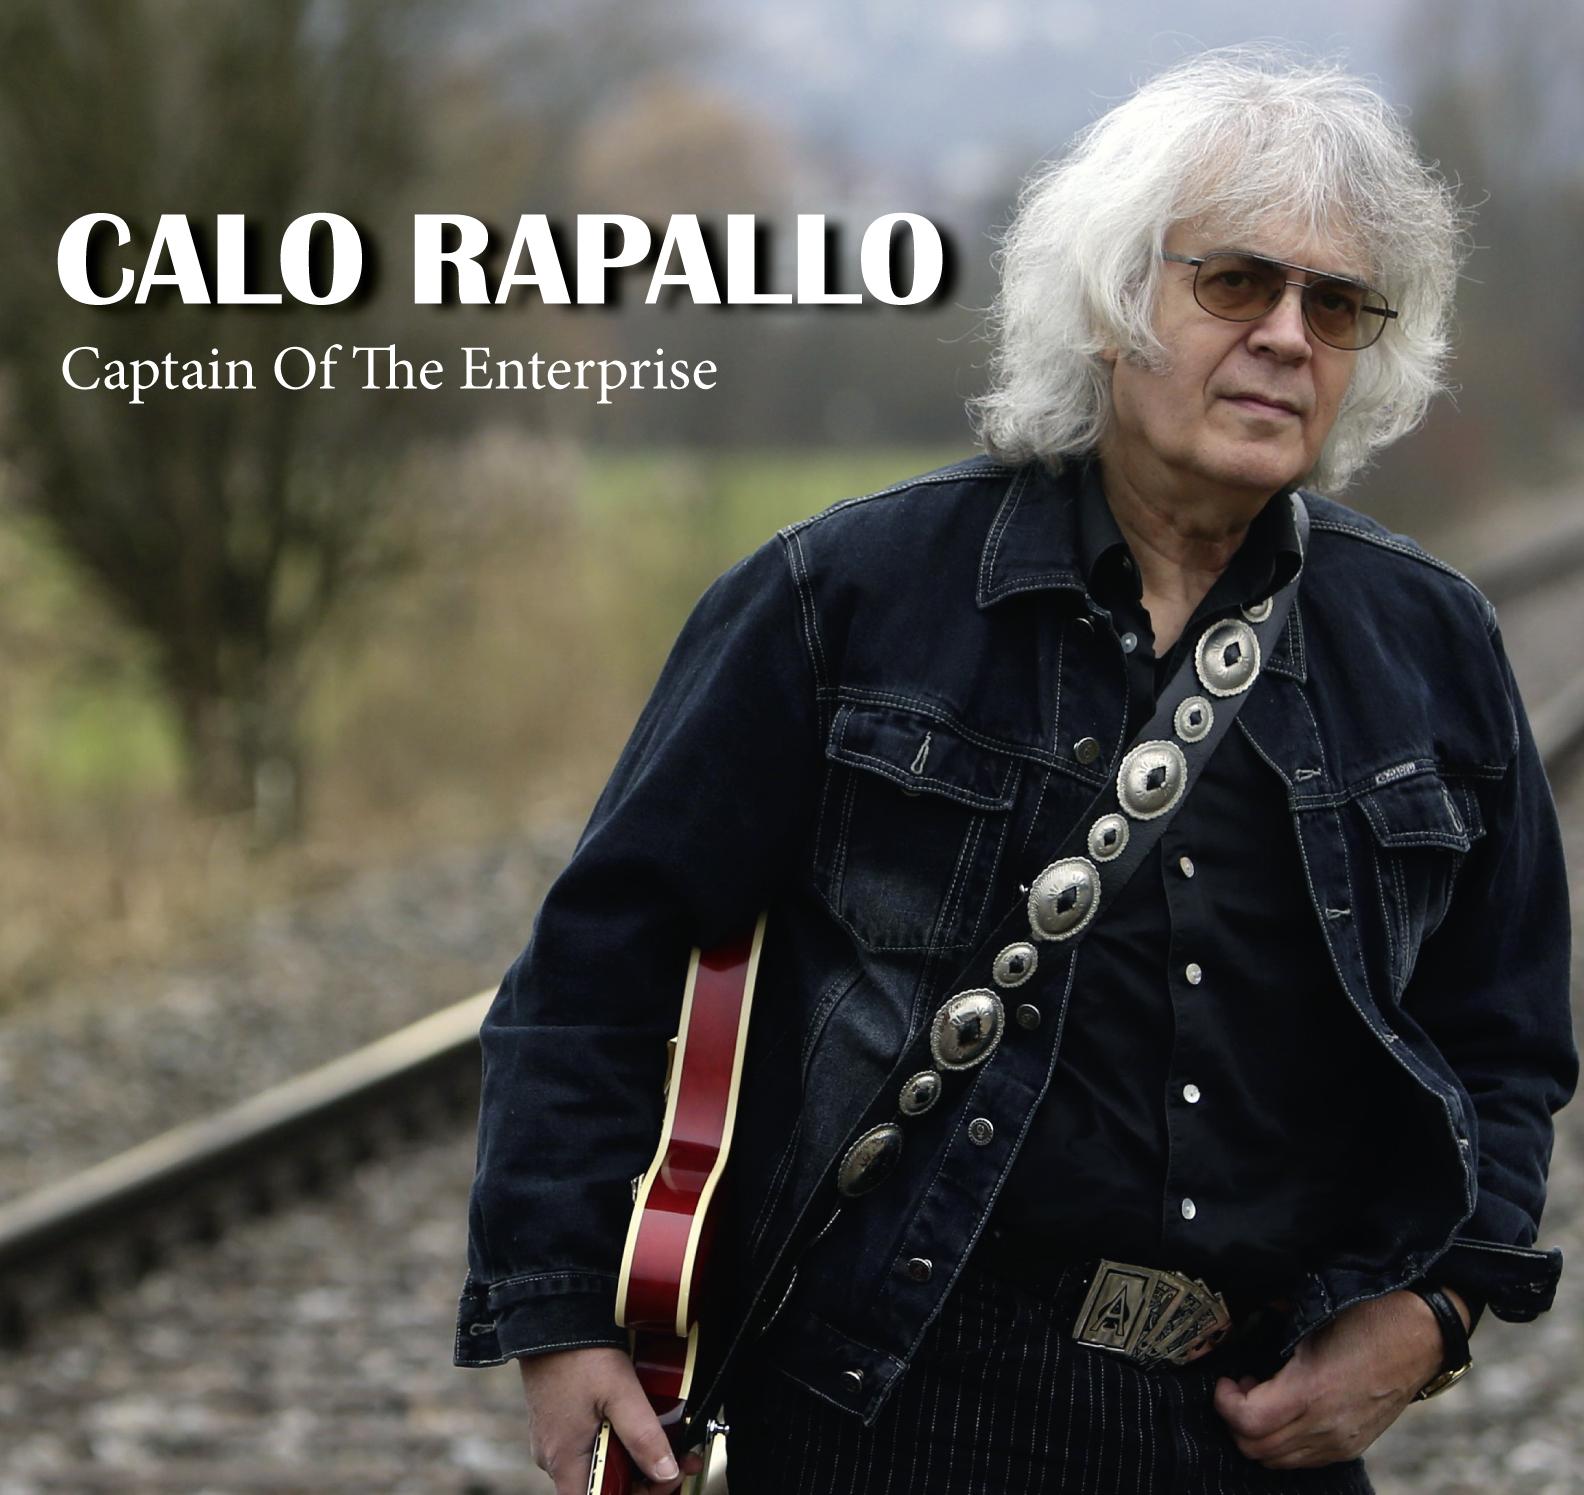 Calo Rapallo